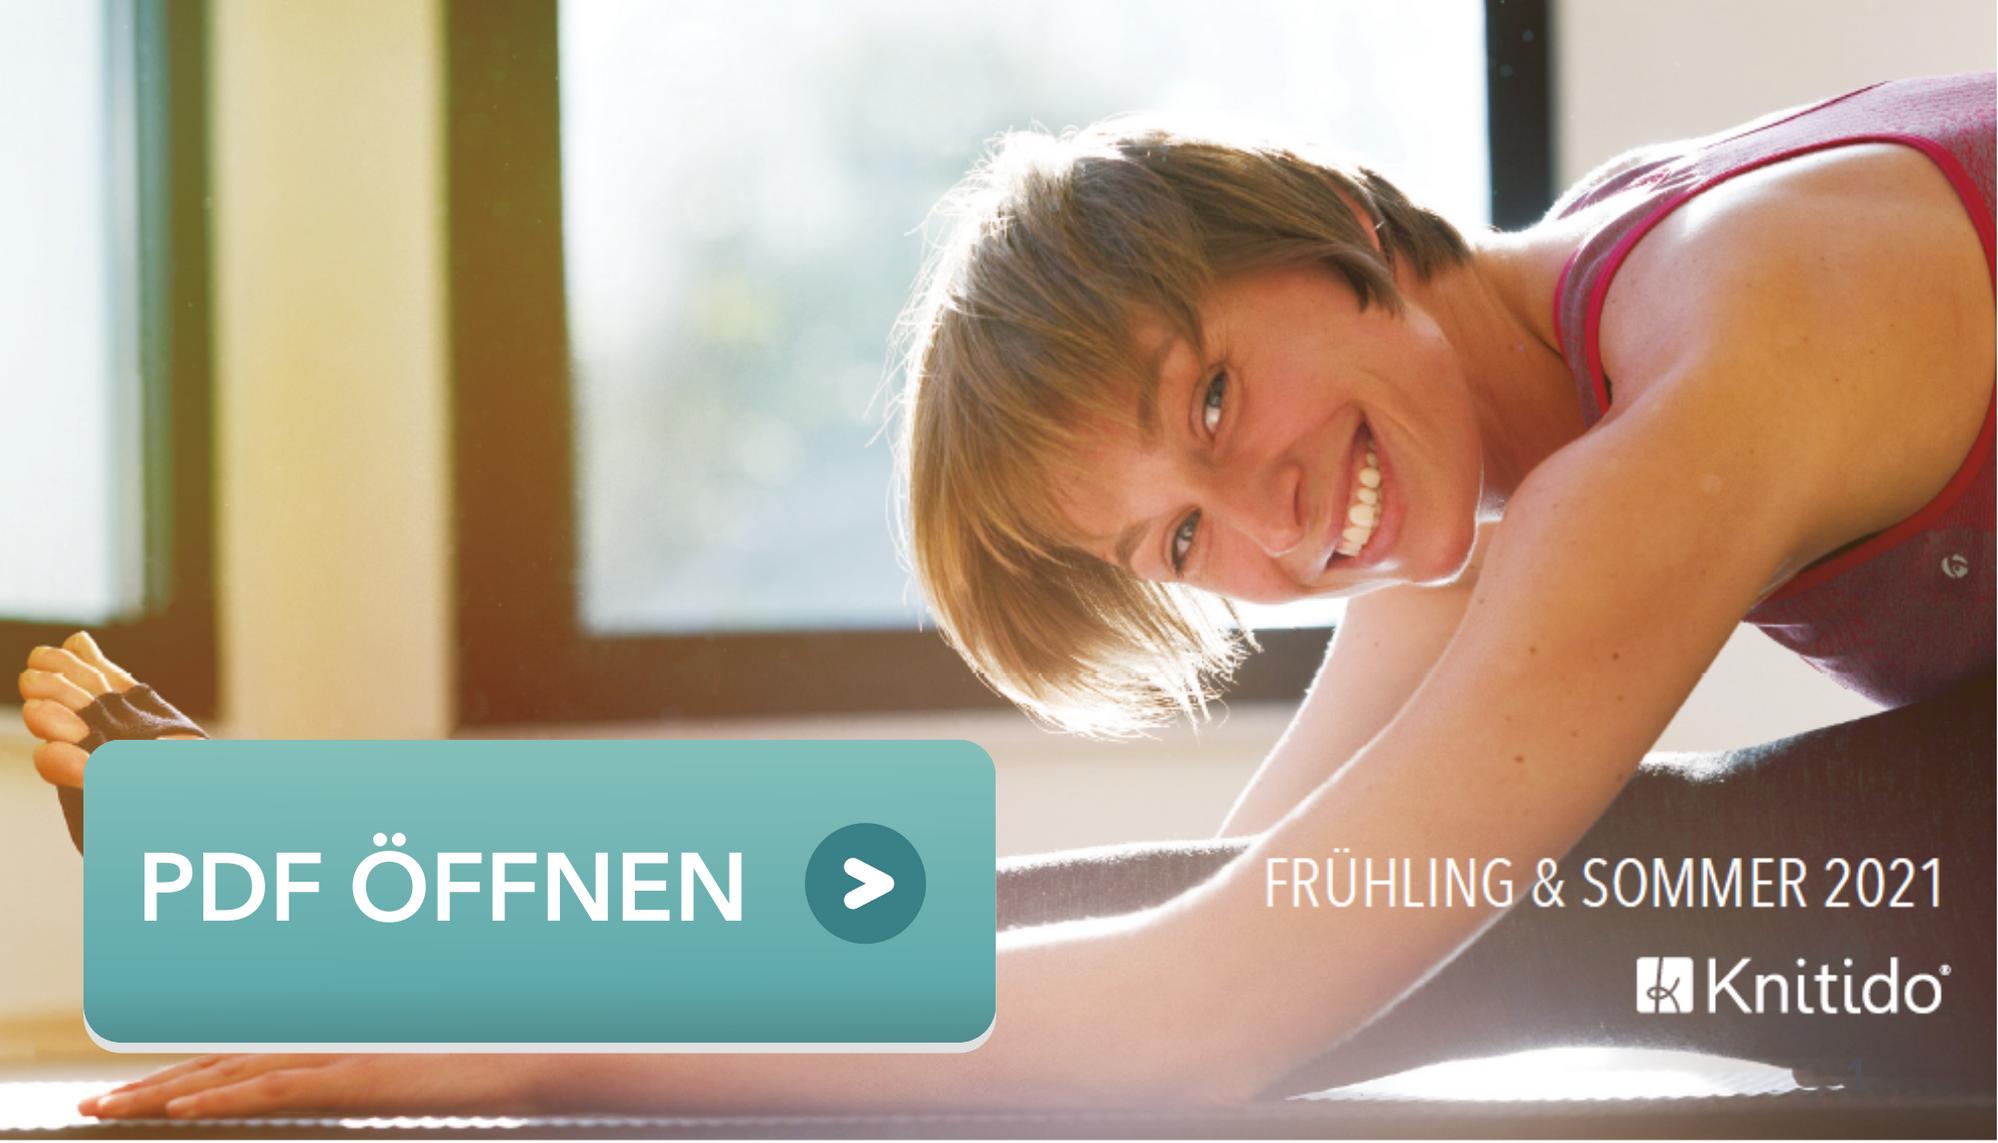 Knitido-Frühling und Sommer Heft-Vorschau